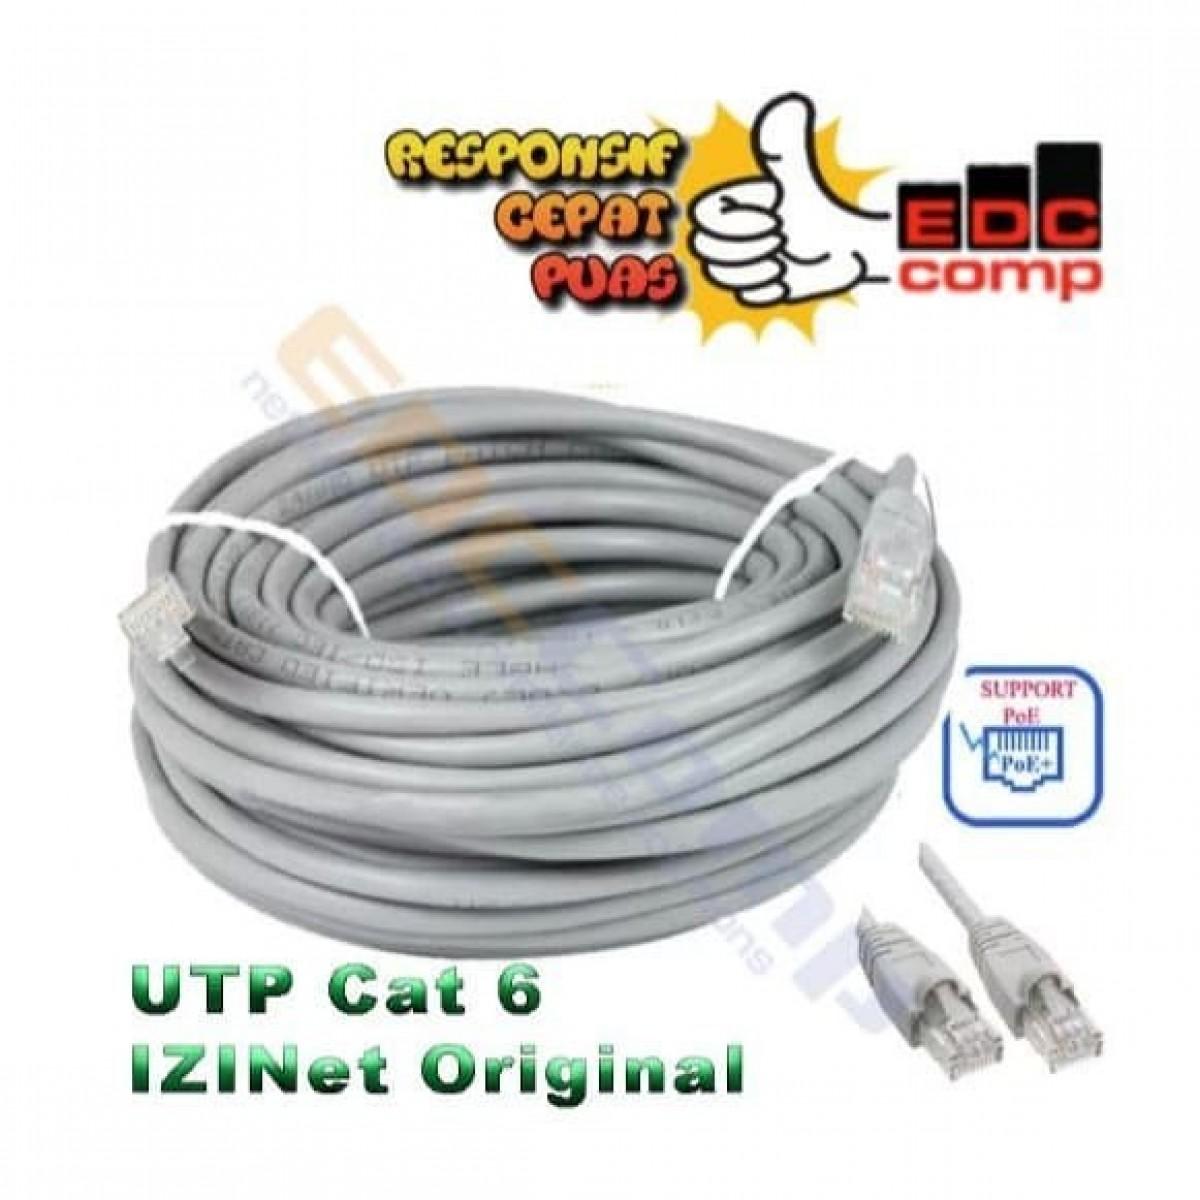 Kabel IZINET UTP Cat6 / Cable Izinet Cat6 40 Meter - EdcComp